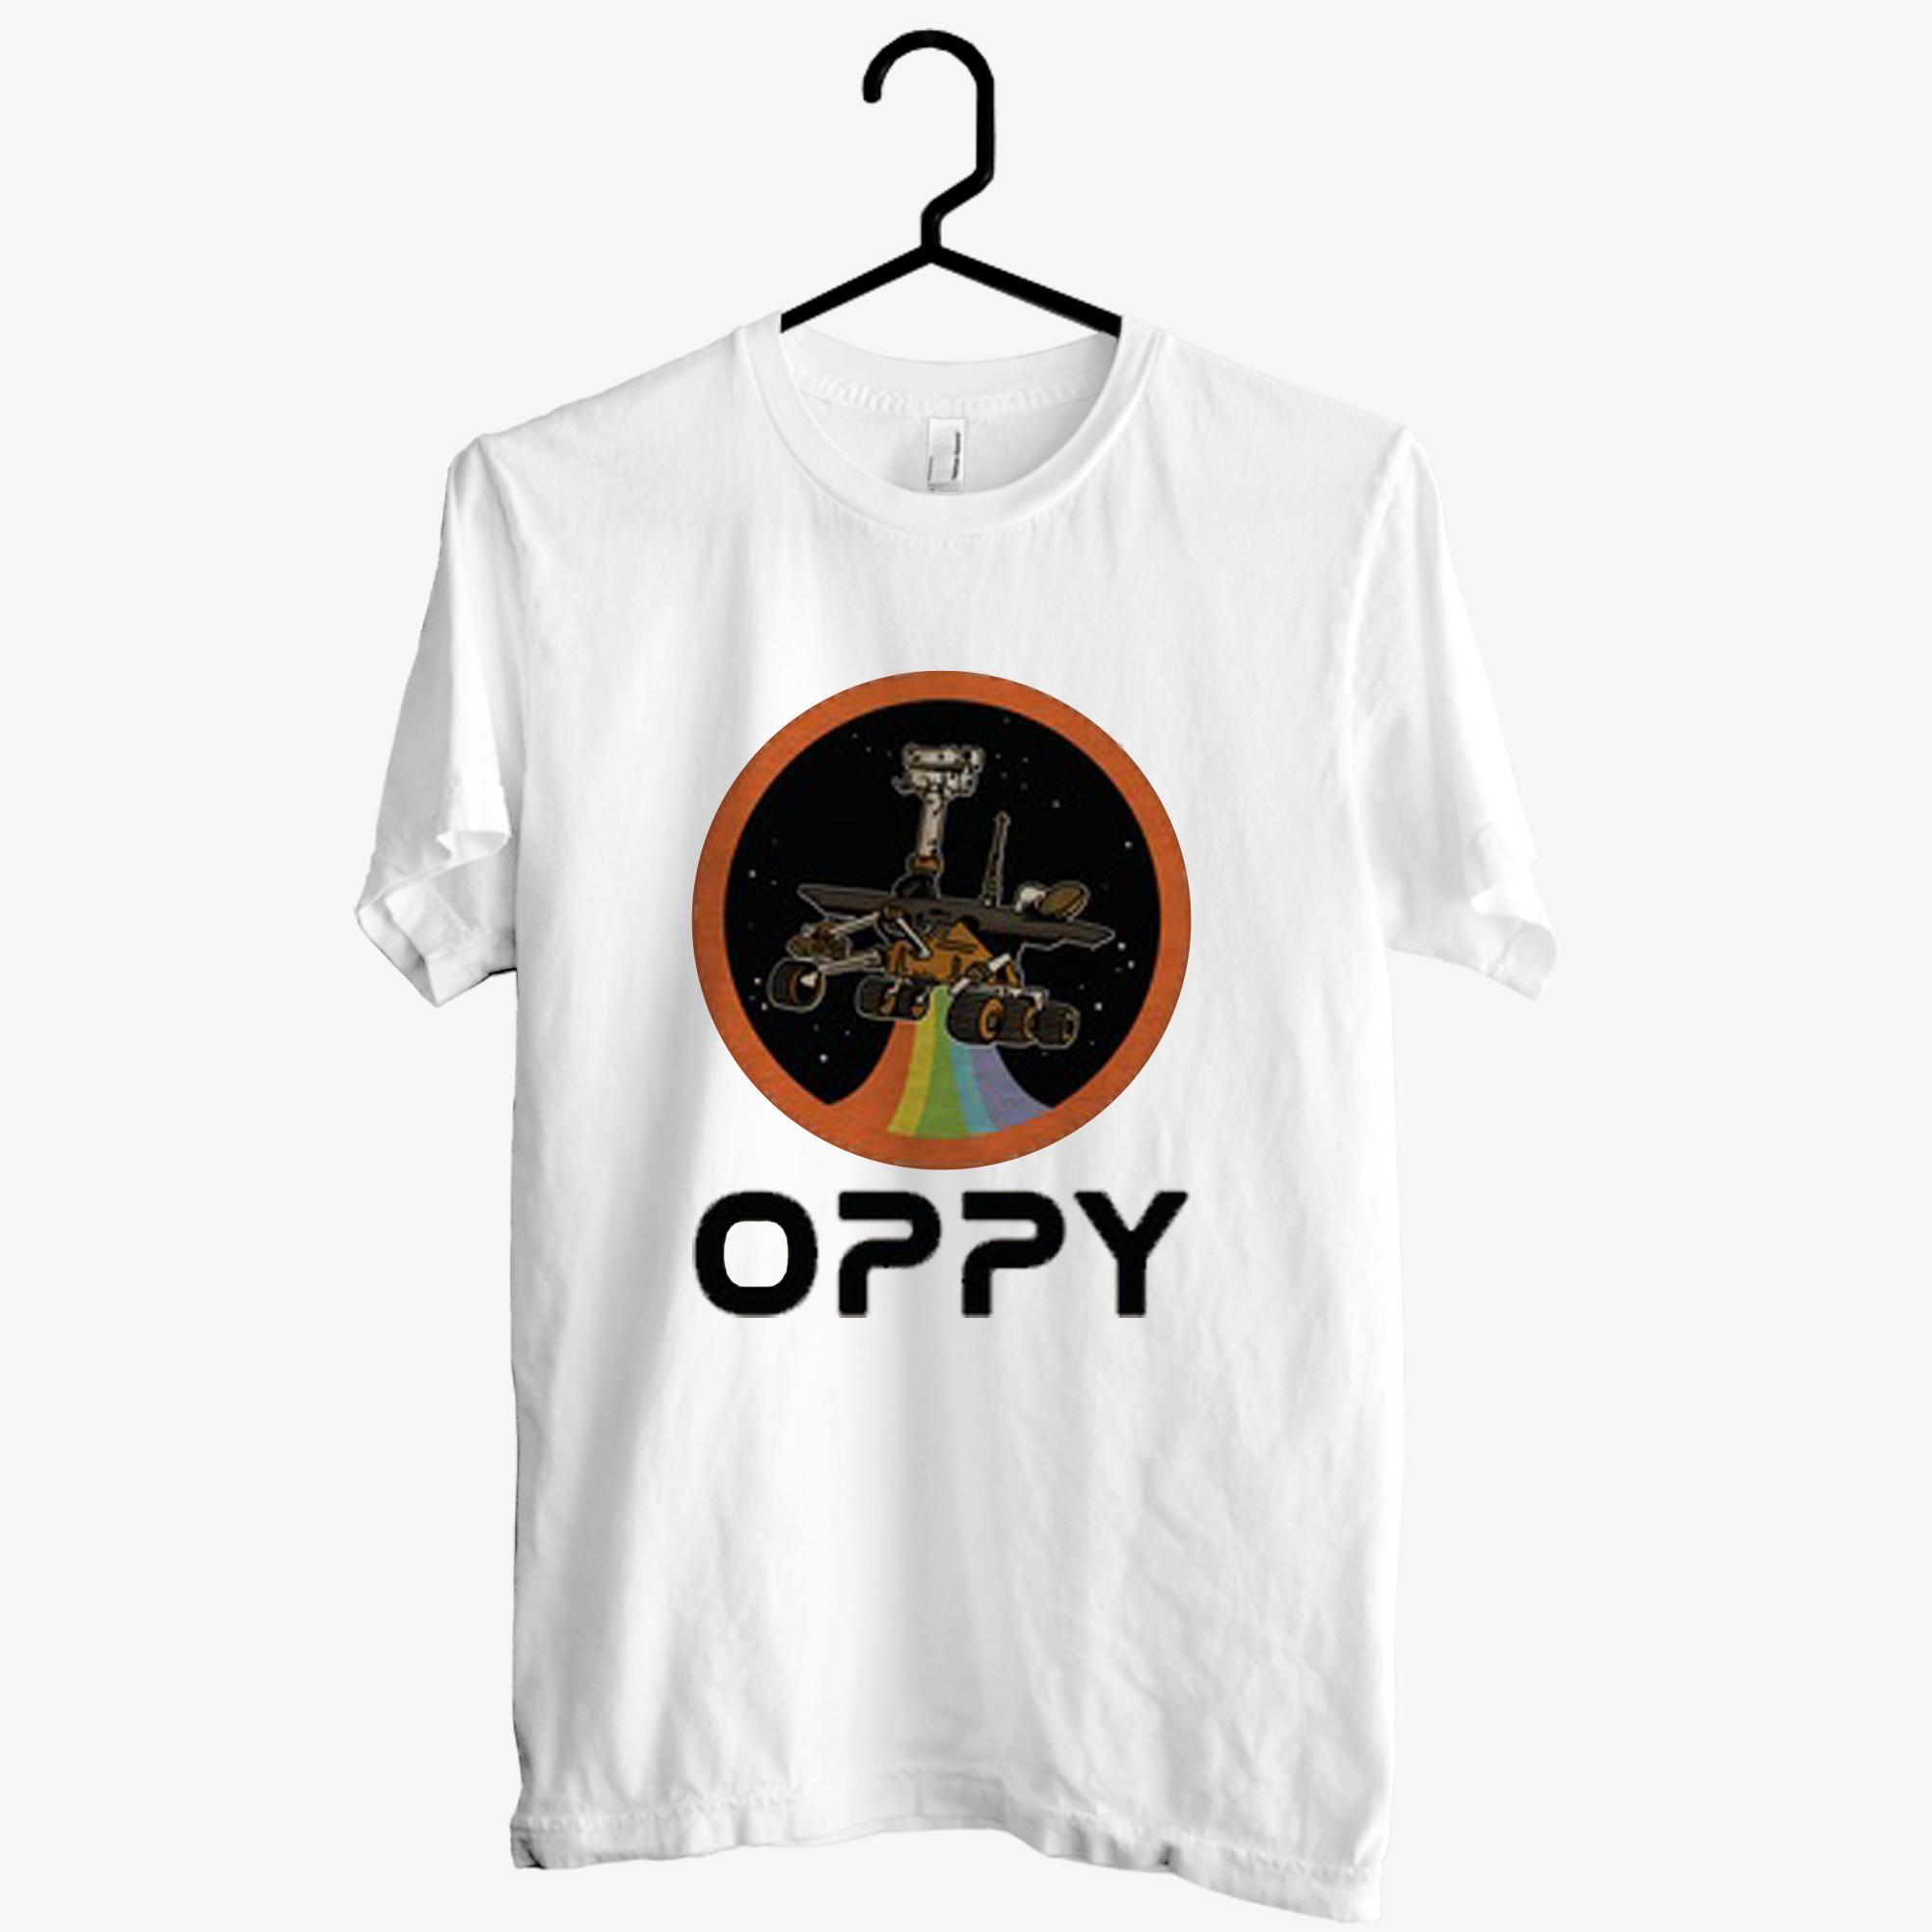 Oppy Nasa Parody T shirt